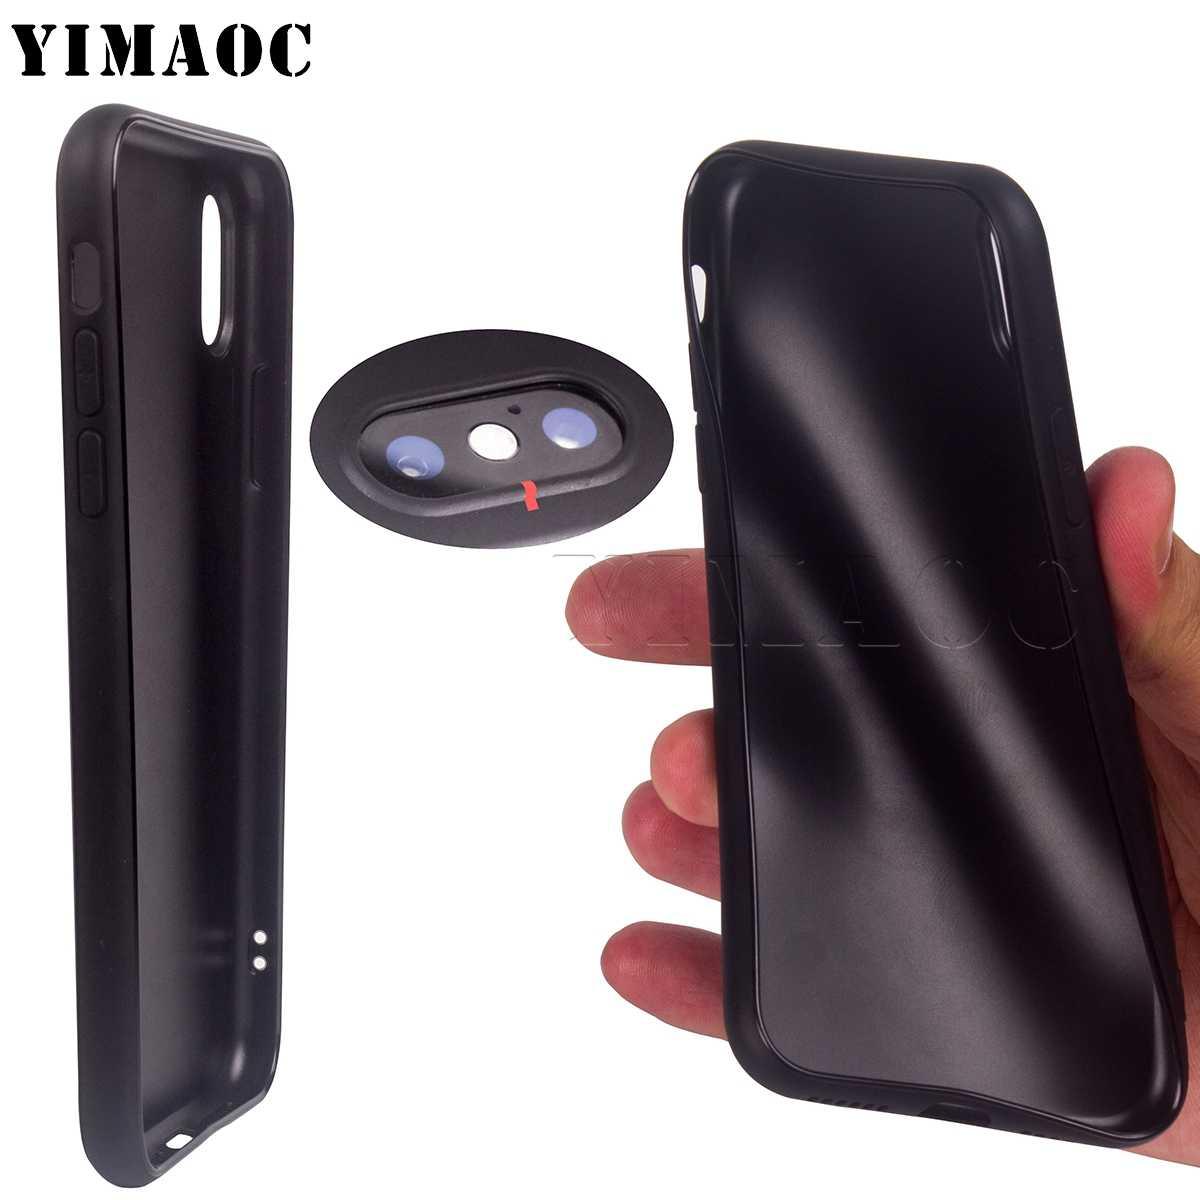 YIMAOC «Динь-Динь» Динь-Динь чехол для Xiaomi Redmi mi Note MAX 3 6a, 7, 6, 8, 9, go se mi 6 mi 8 a1 a2 Lite для pocophone f1